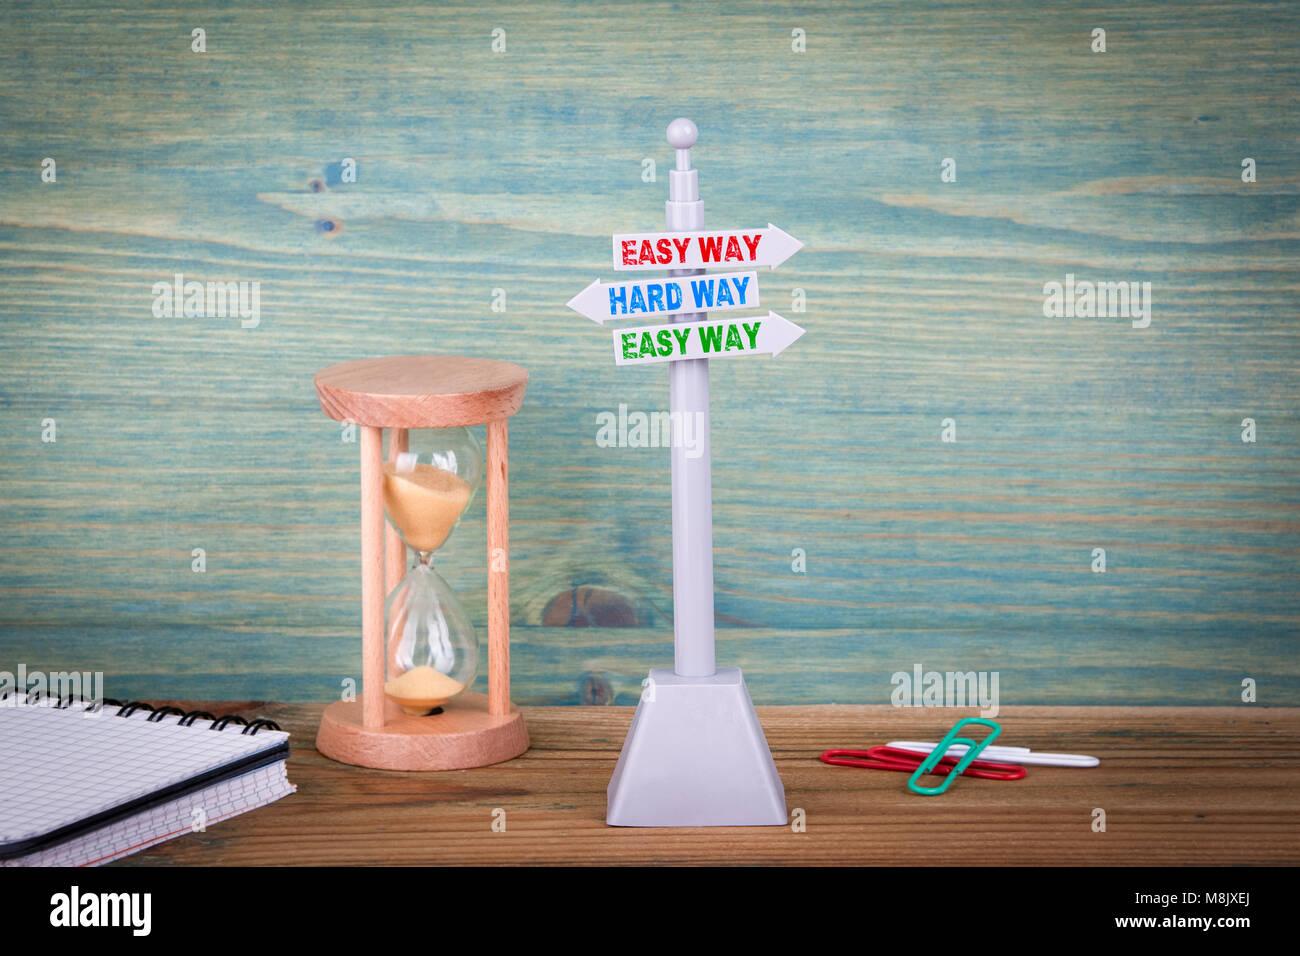 Forma fácil y difícil camino. Cartel sobre la mesa de madera Imagen De Stock